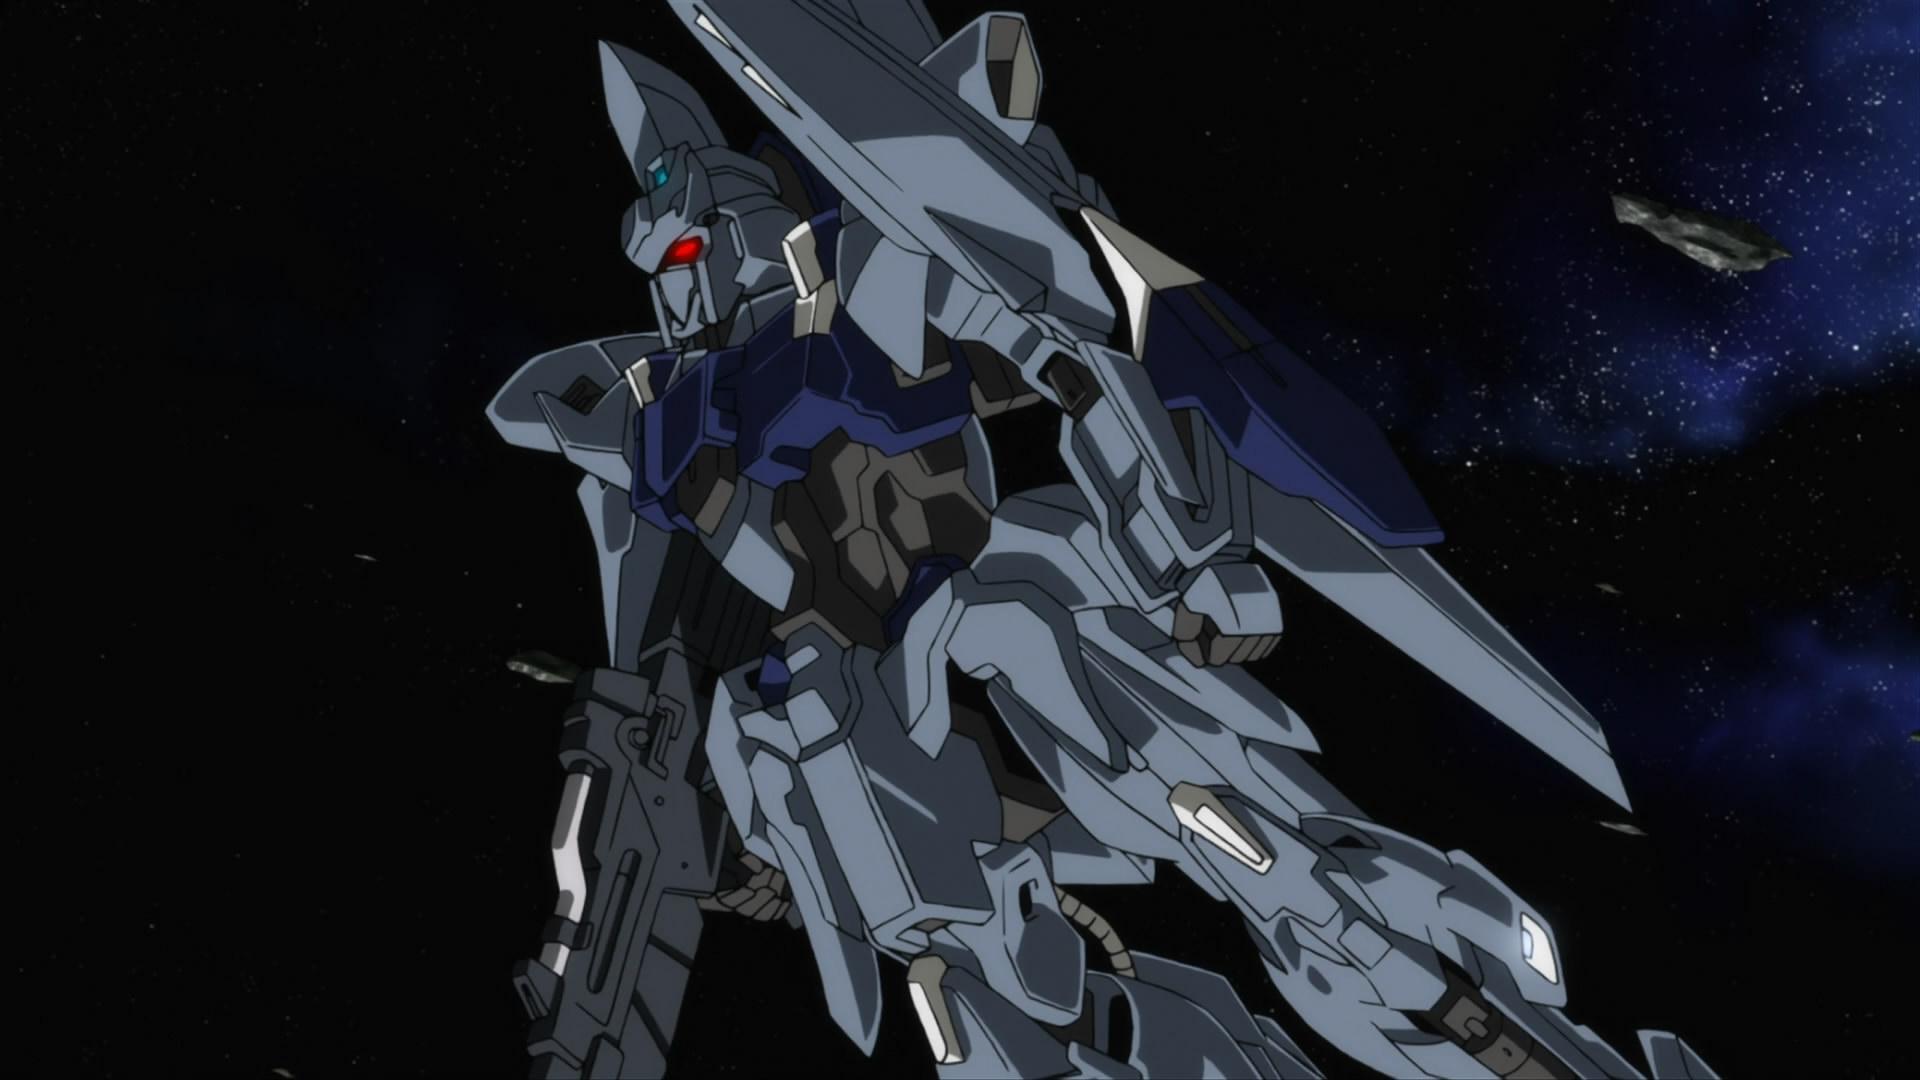 Gundam Computer Wallpapers Desktop Backgrounds 1920x1080 ID 1920x1080